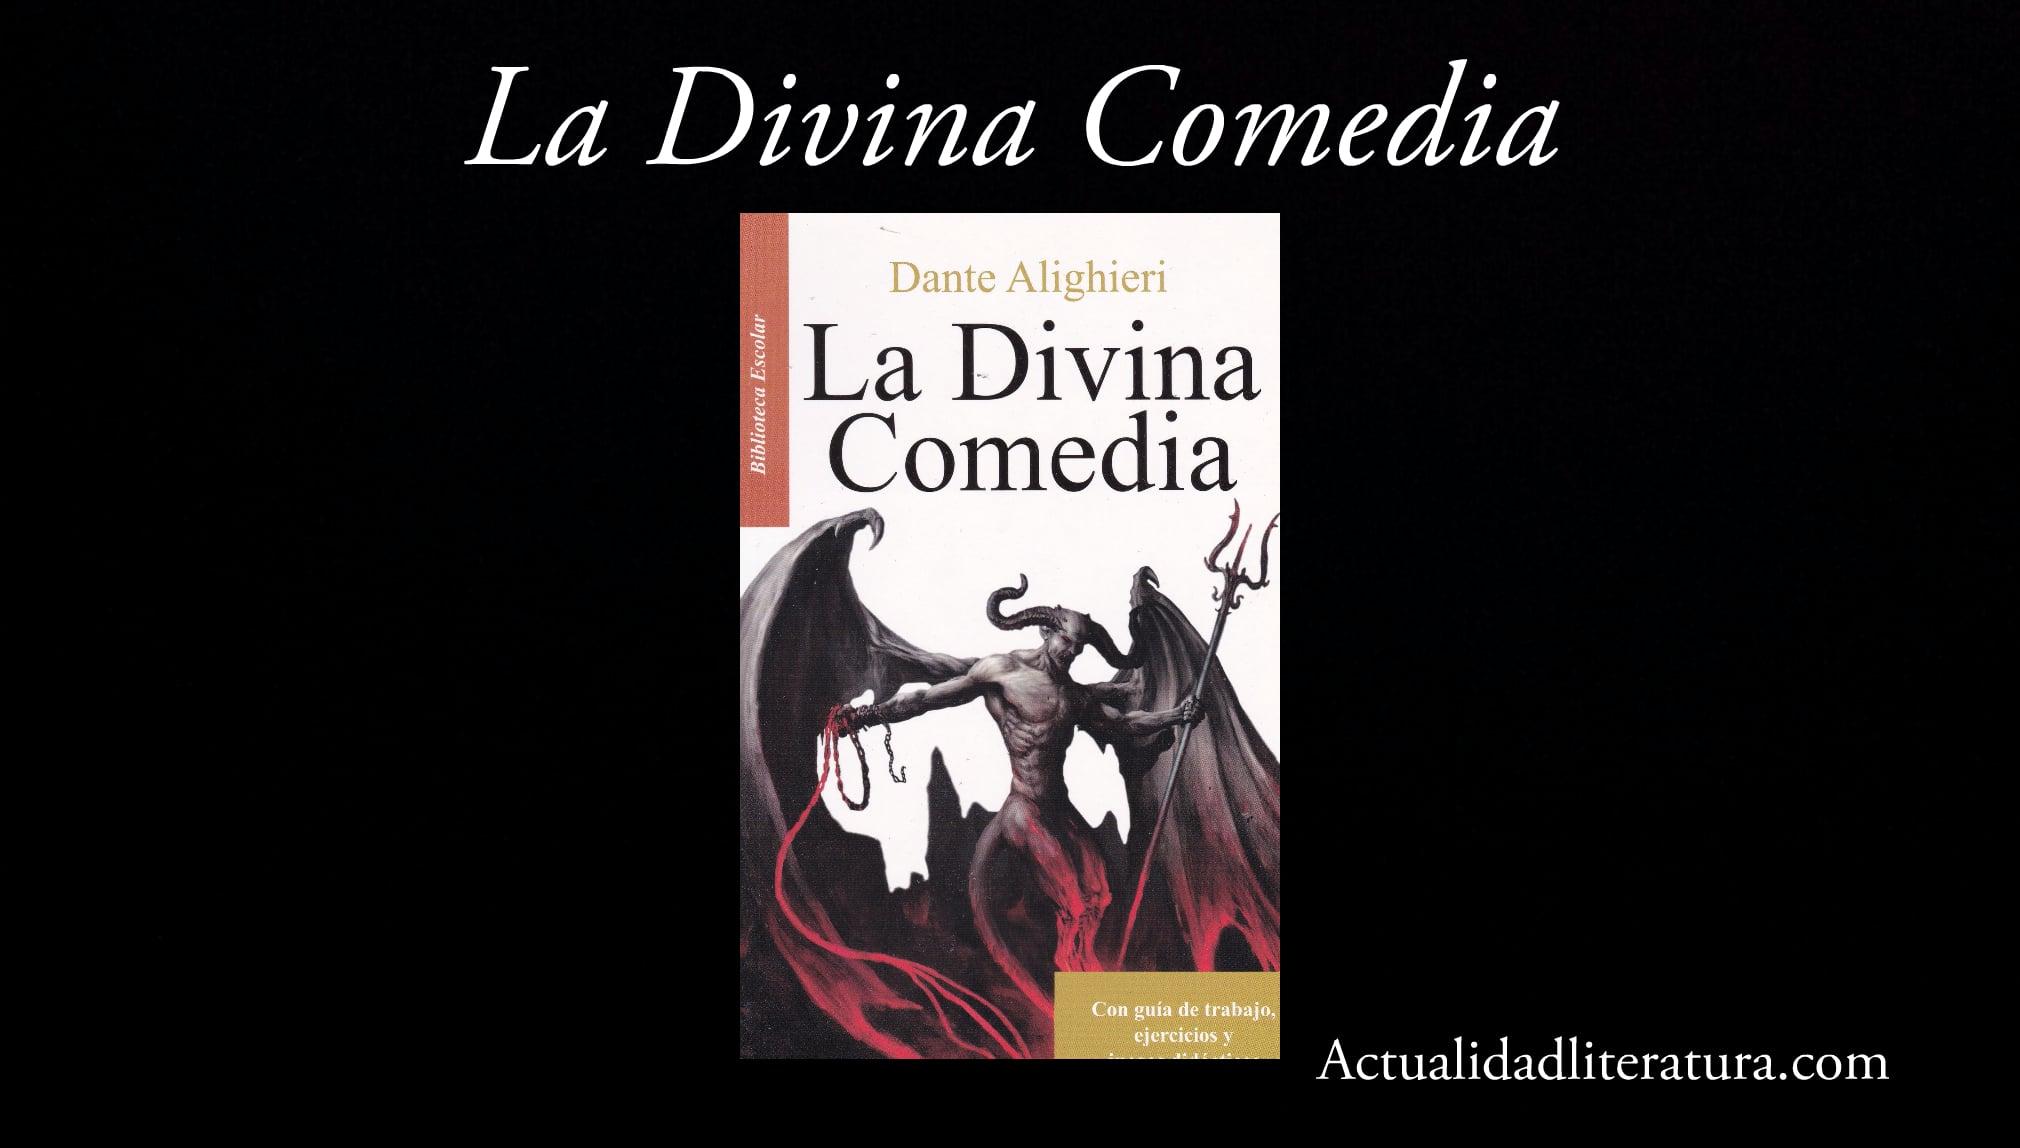 La Divina Comedia.